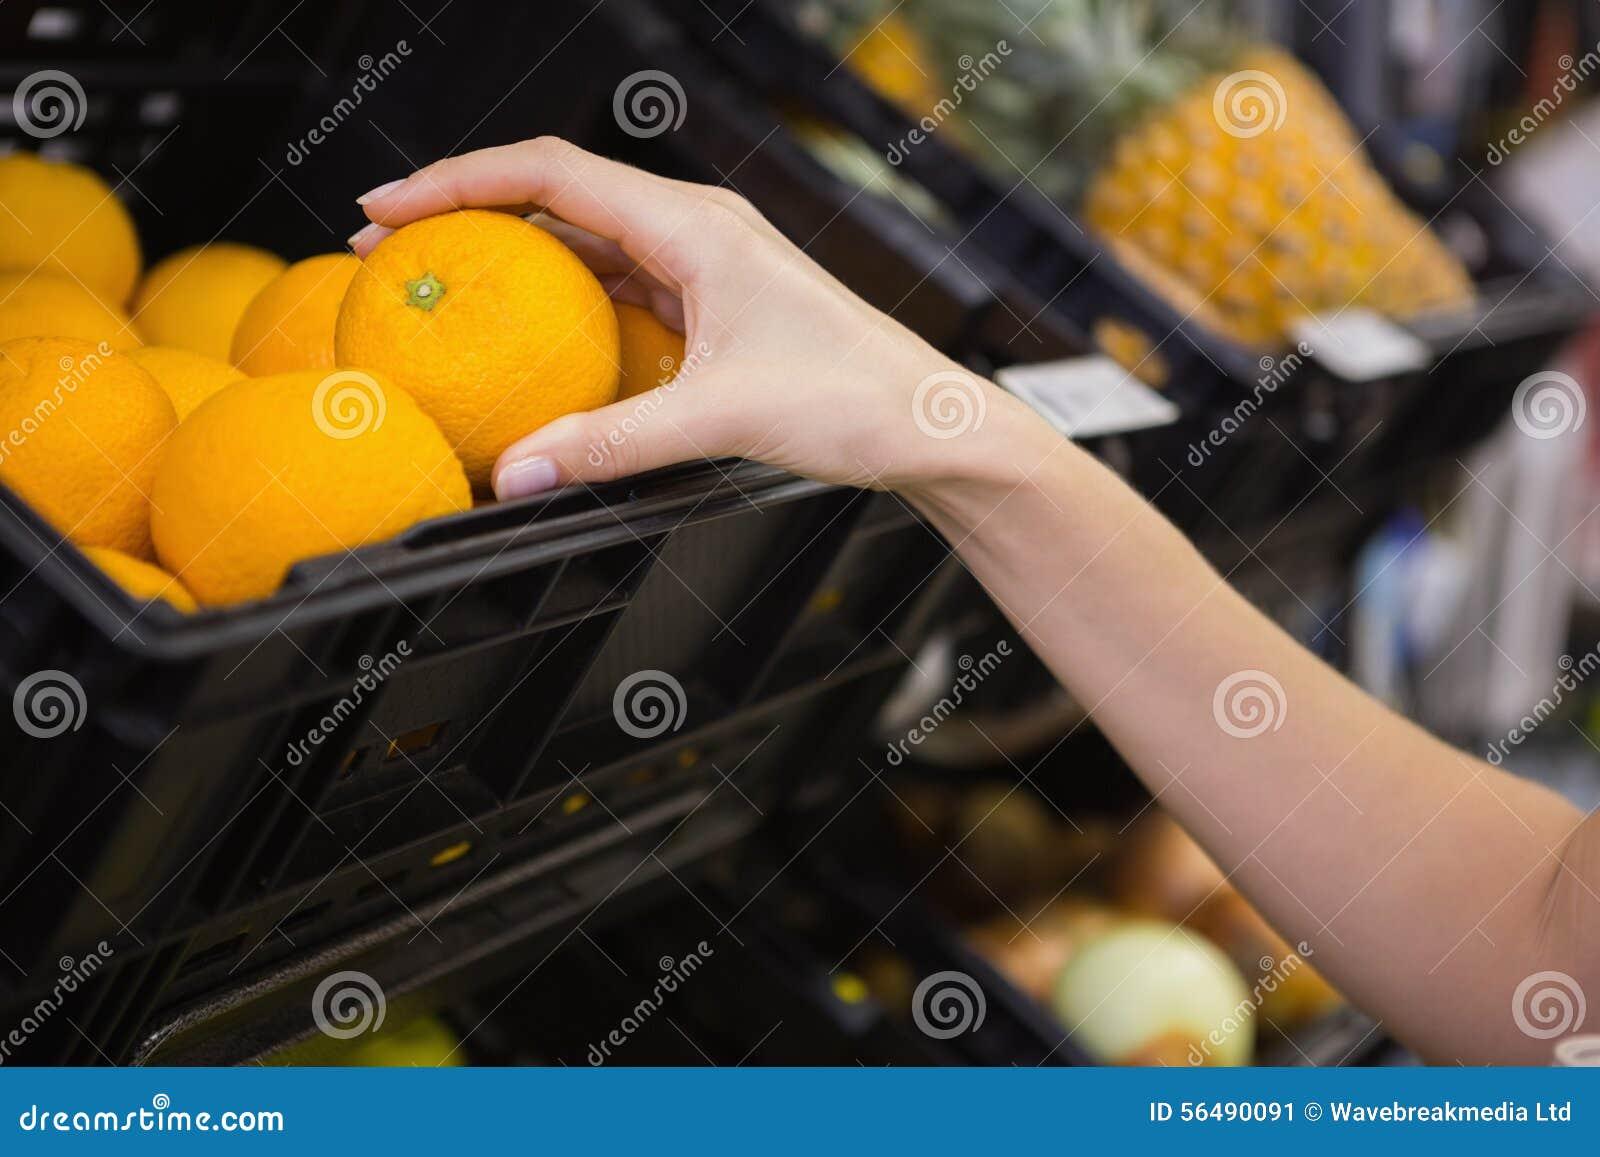 Sourire oranges de achat de femme assez blonde